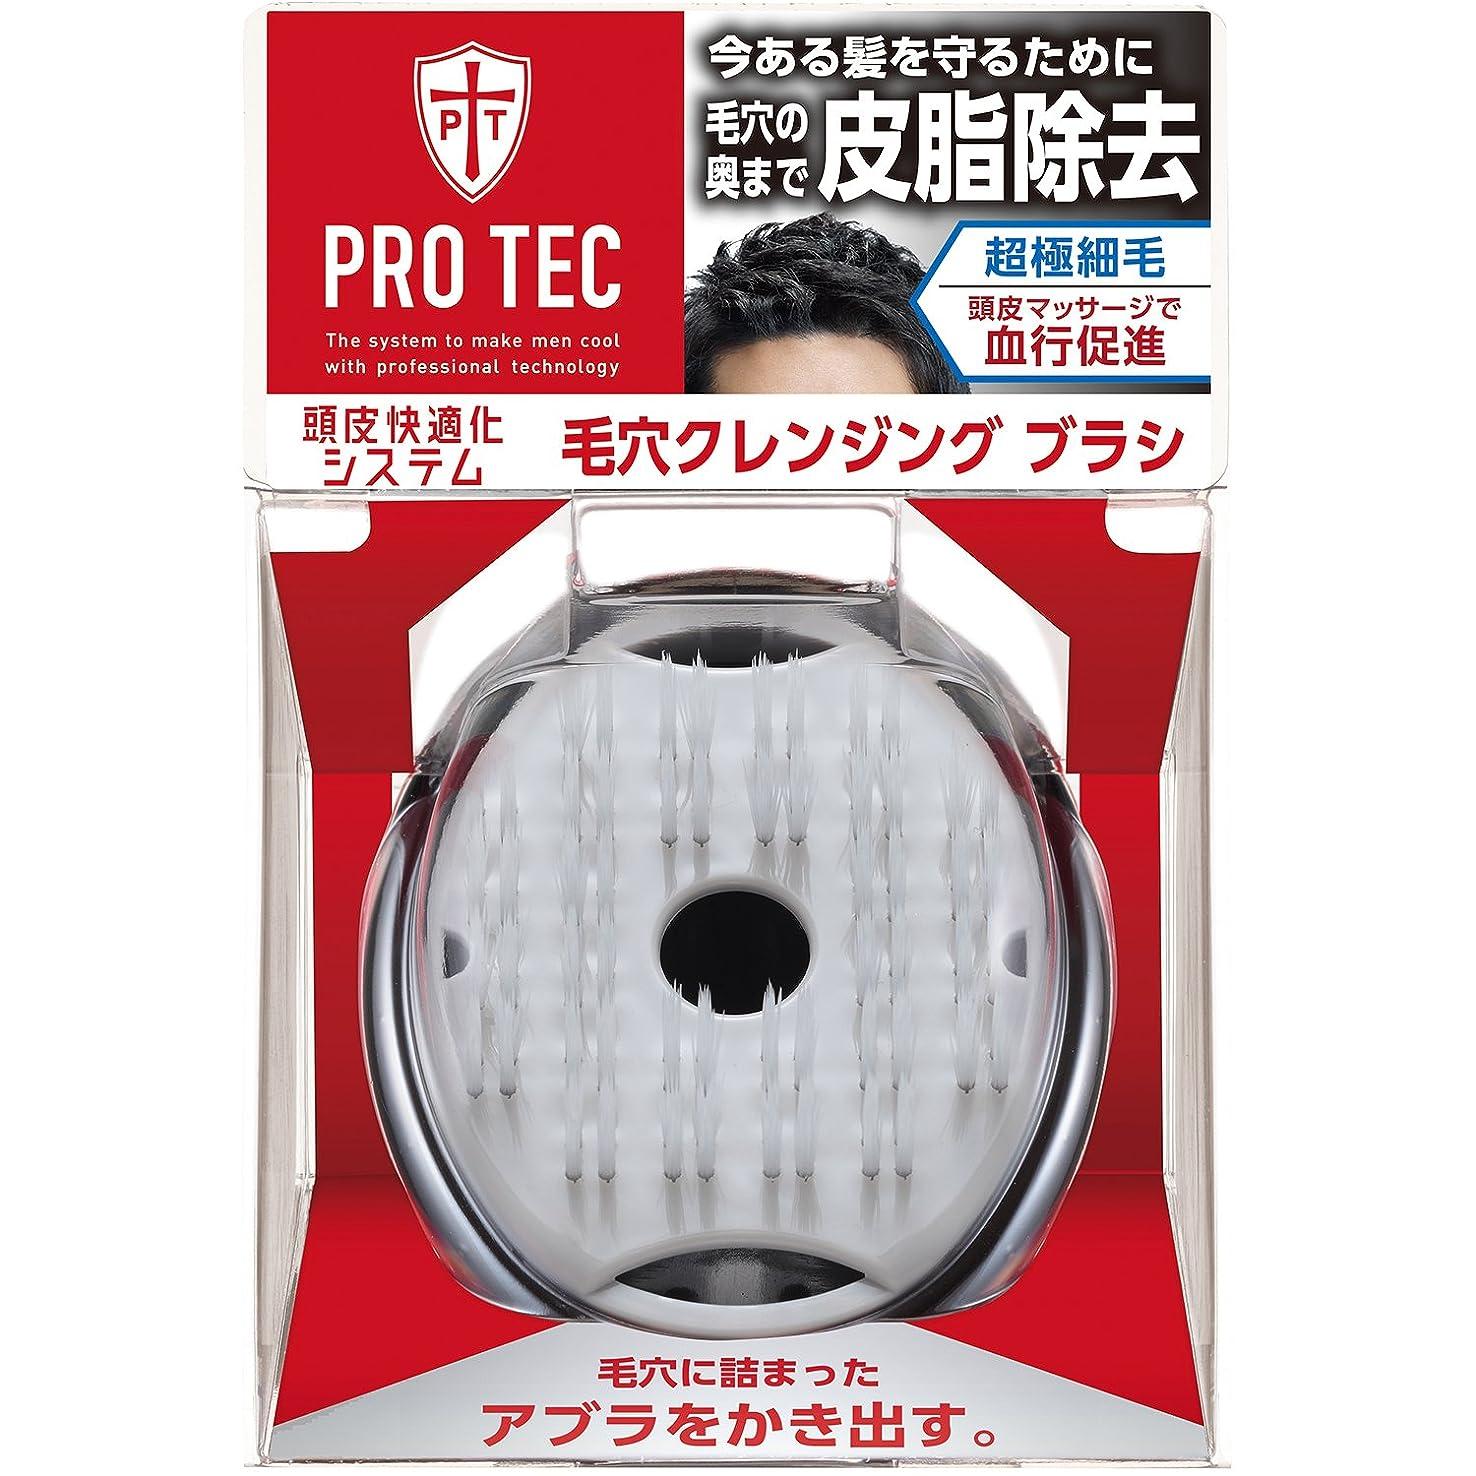 ホバー組悲劇的なPRO TEC(プロテク) ウォッシングブラシ 毛穴クレンジングタイプ